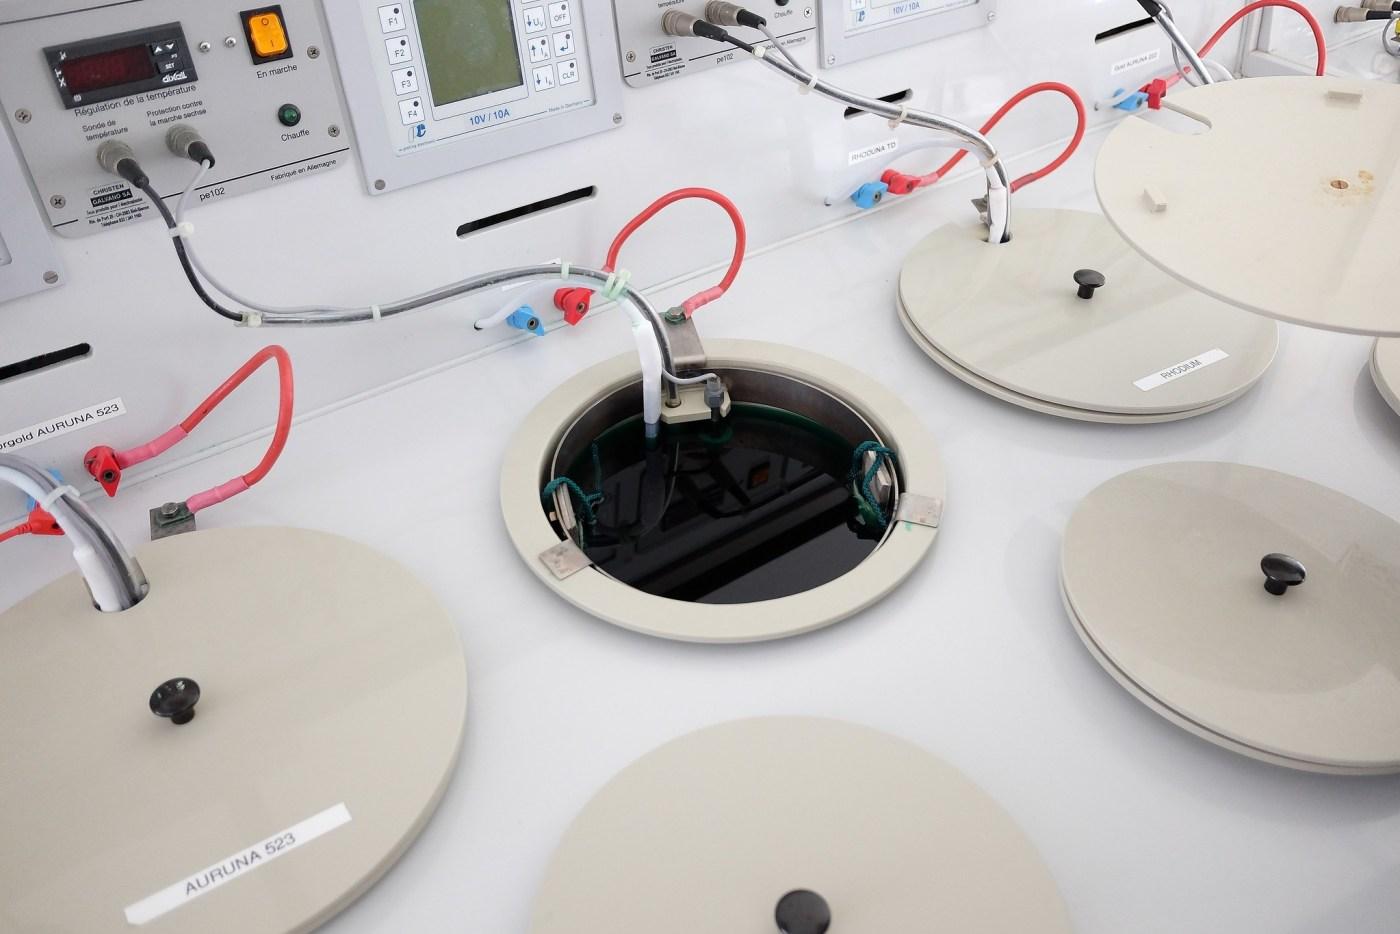 Armin Strom electro-plating baths